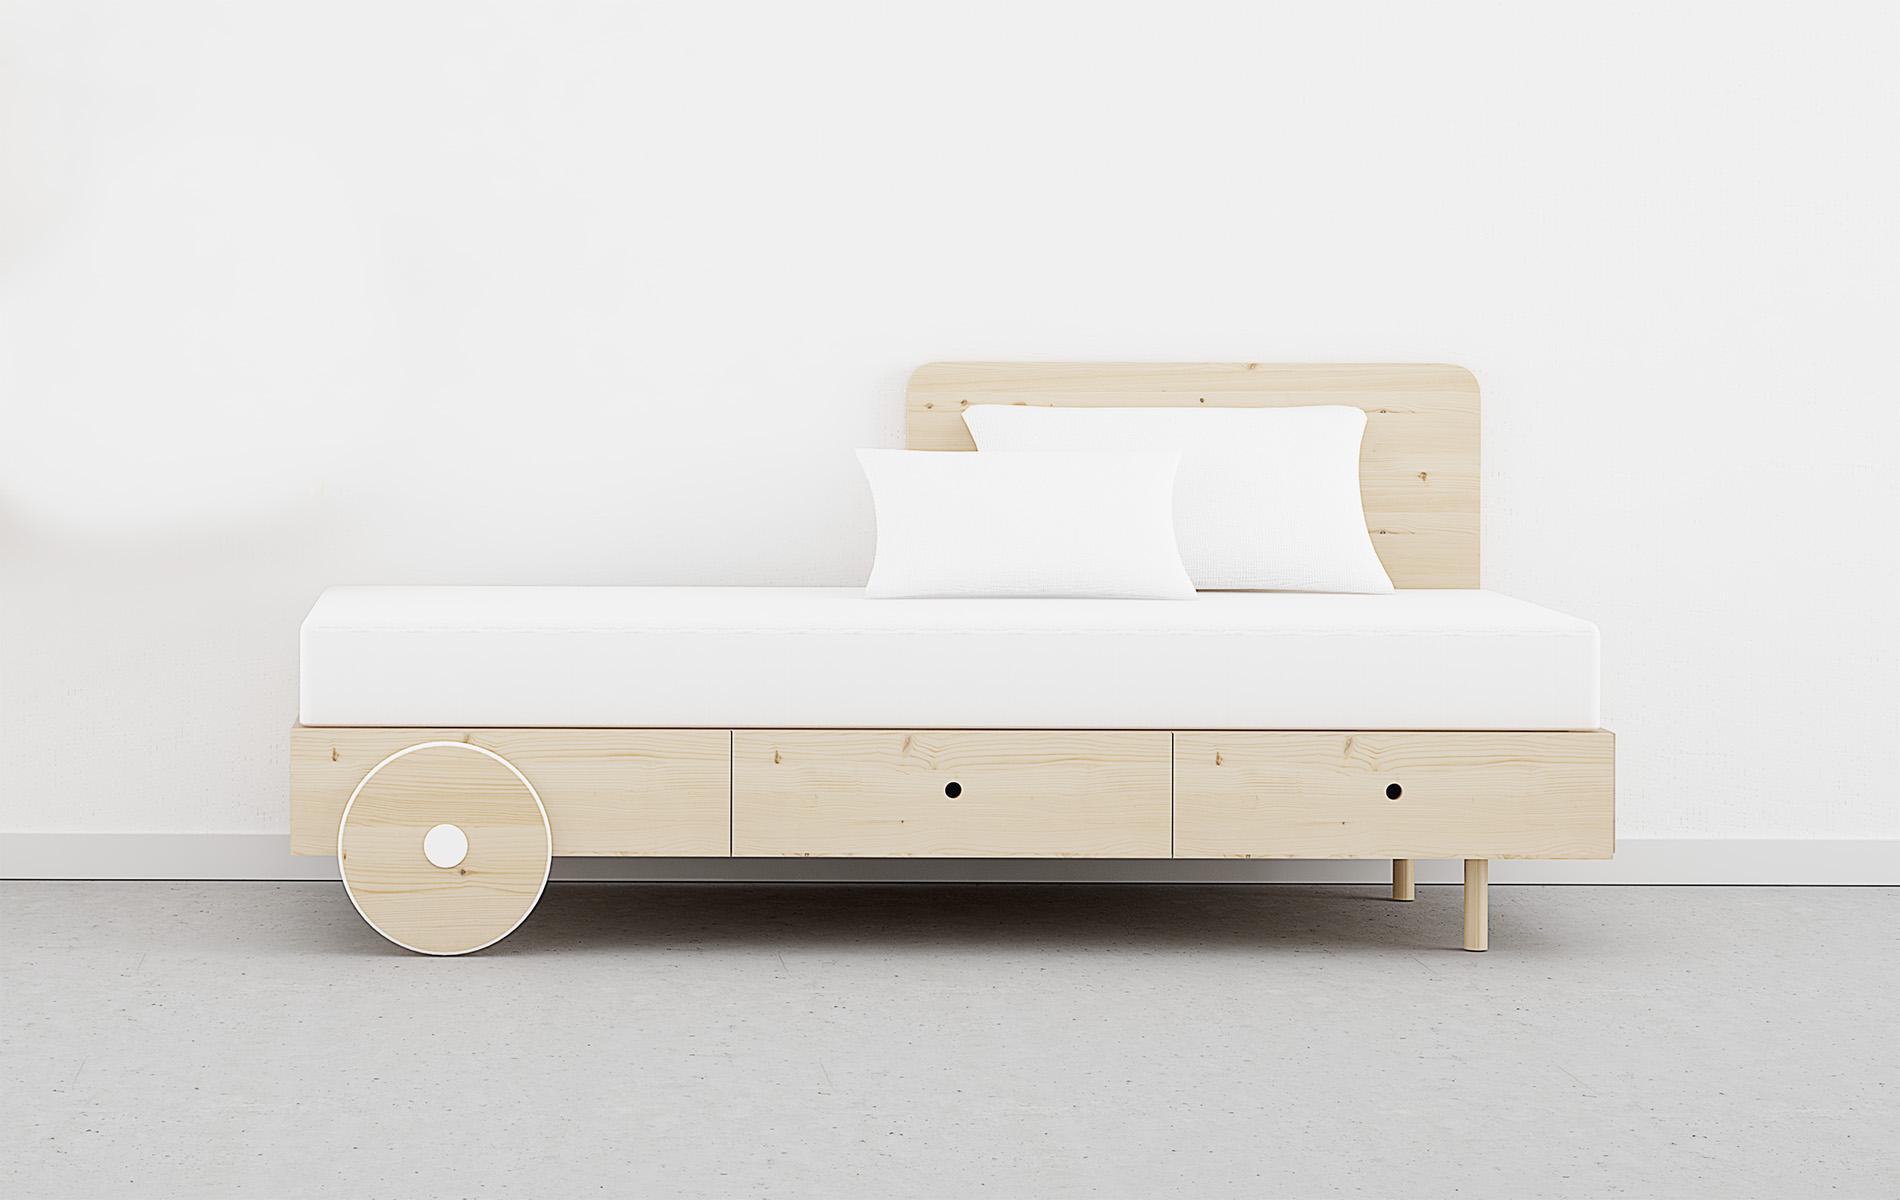 Cama con ruedas de madera y cajones original en madera natural con nudos